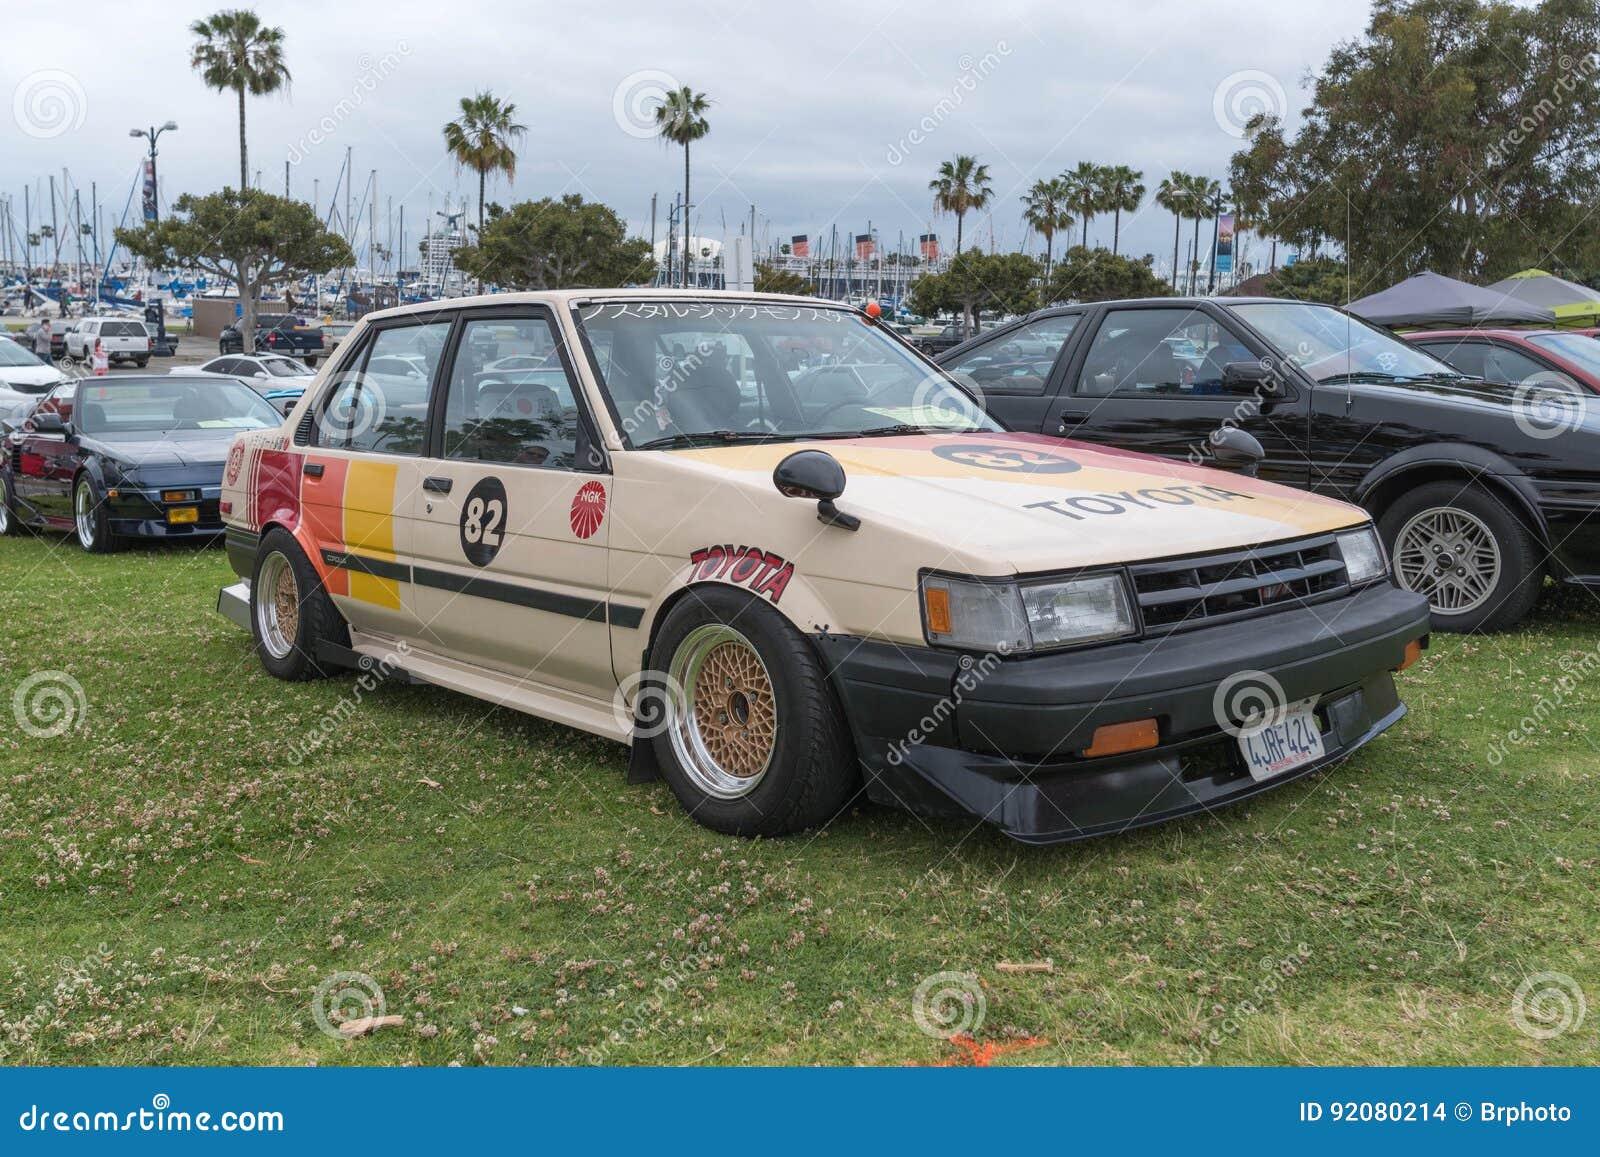 Kelebihan Kekurangan Toyota Corolla 1986 Perbandingan Harga